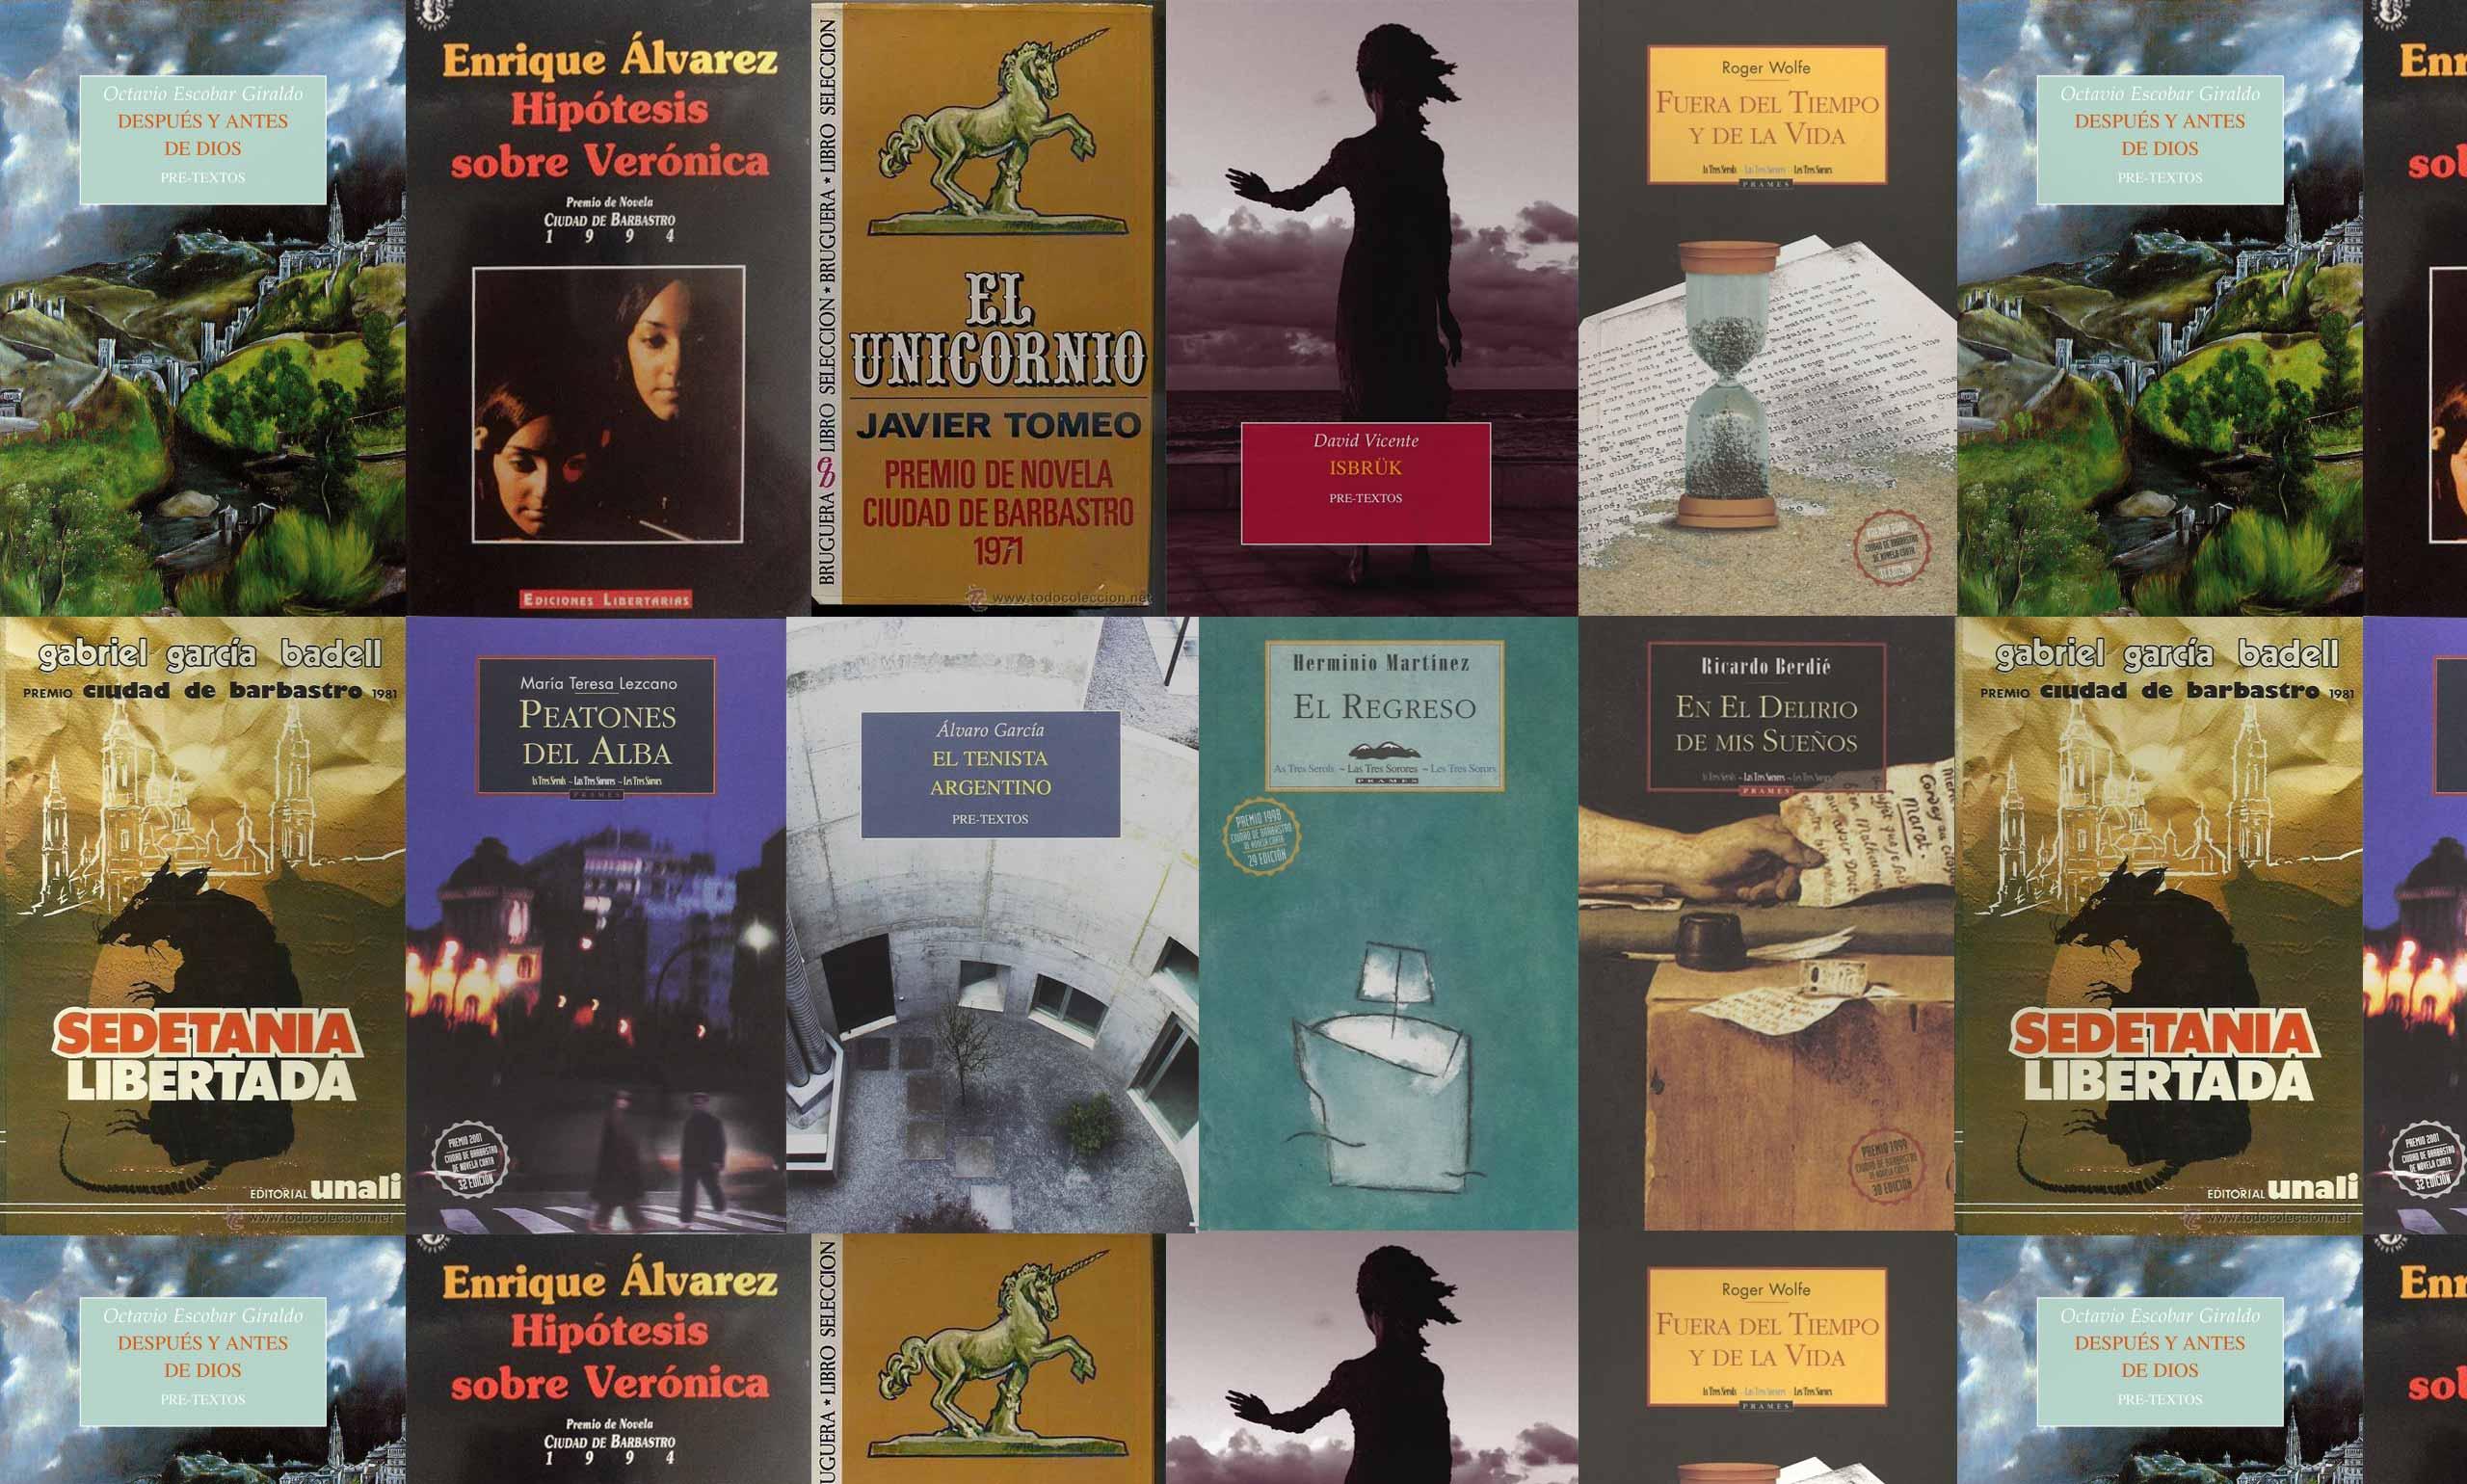 Imagen Congreso Internacional 50 años de novela española (1970-2019)